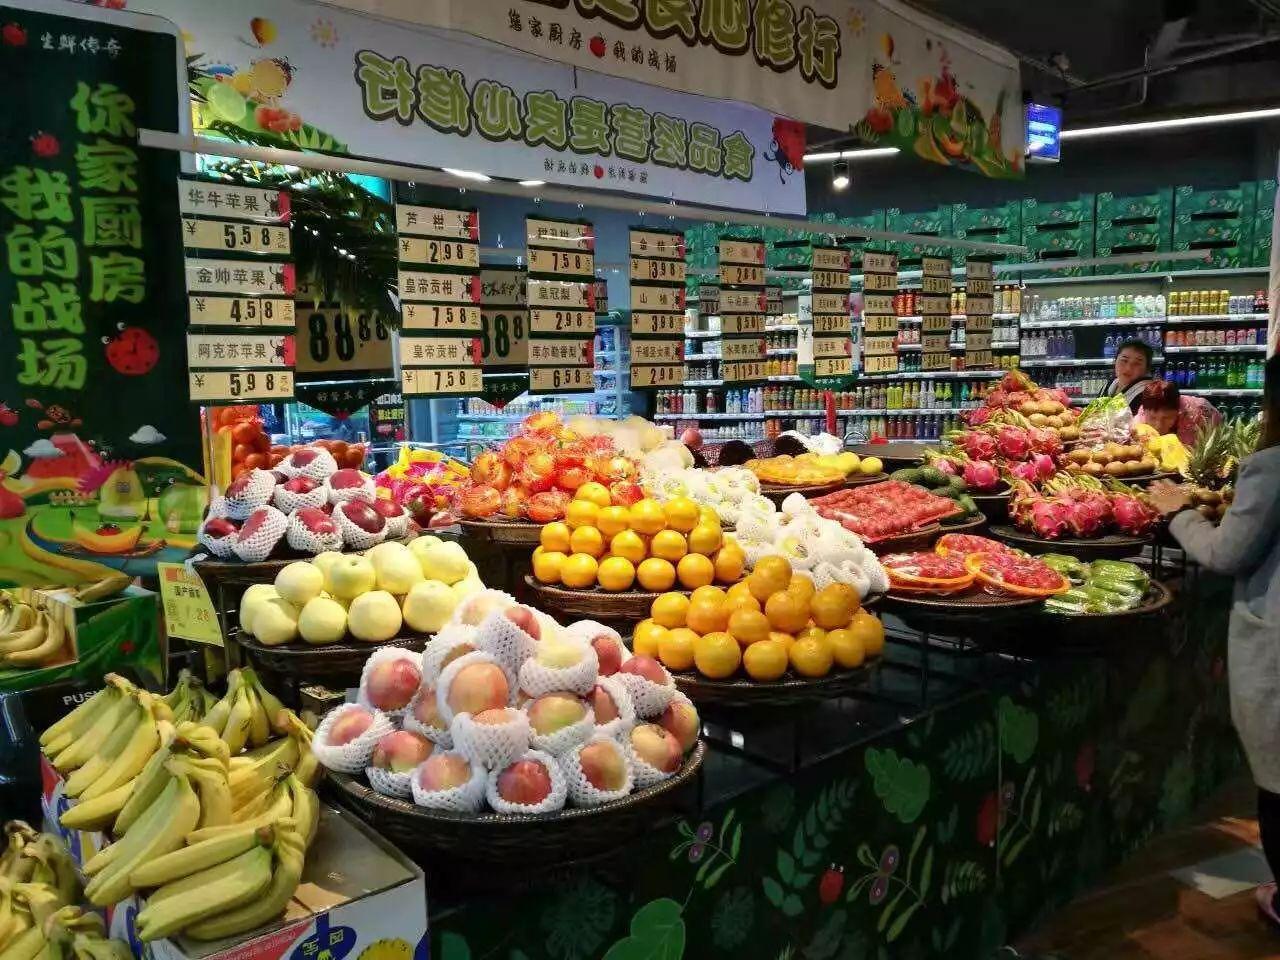 生鲜行业|大战在即!生鲜传奇、永辉、盒马纷纷布局自有品牌